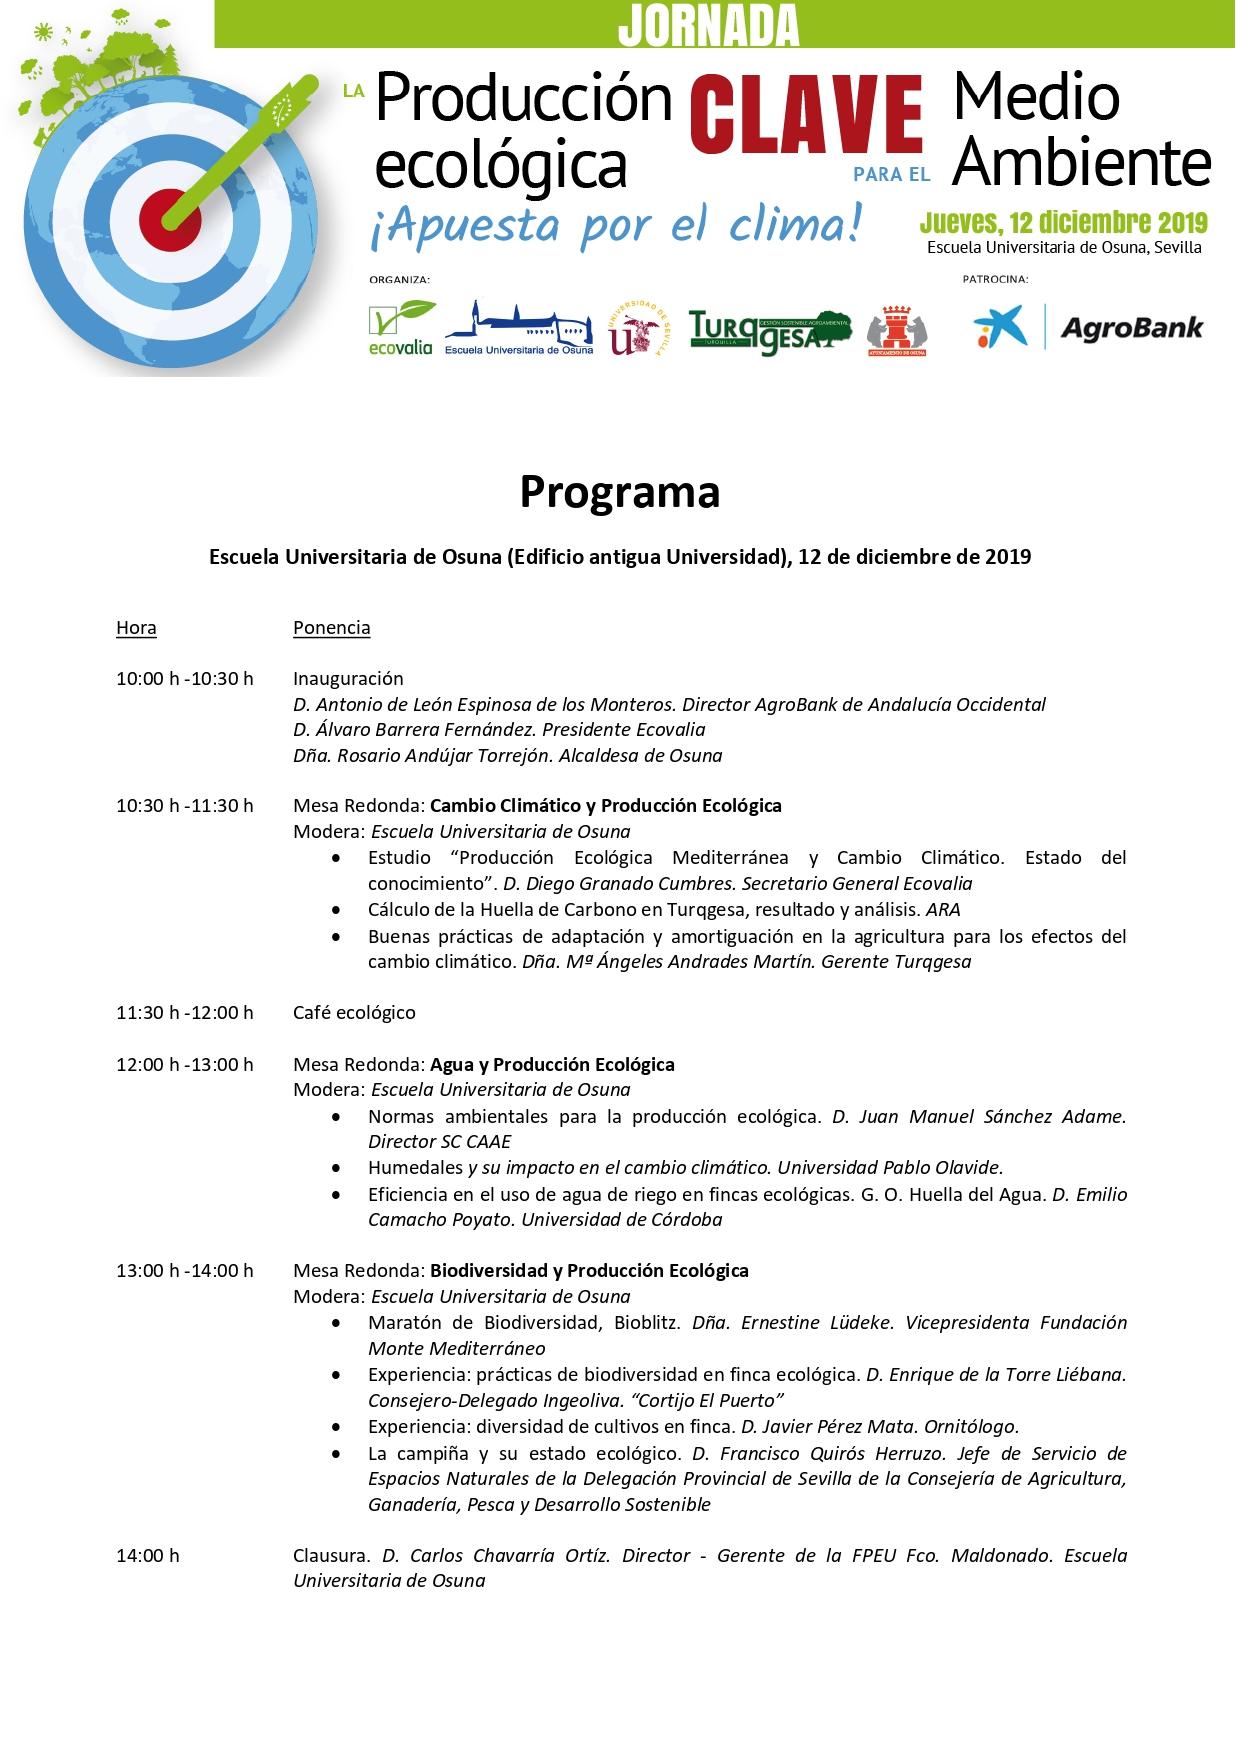 Programa_Jornadas apuesta por clima_prod.ecologica